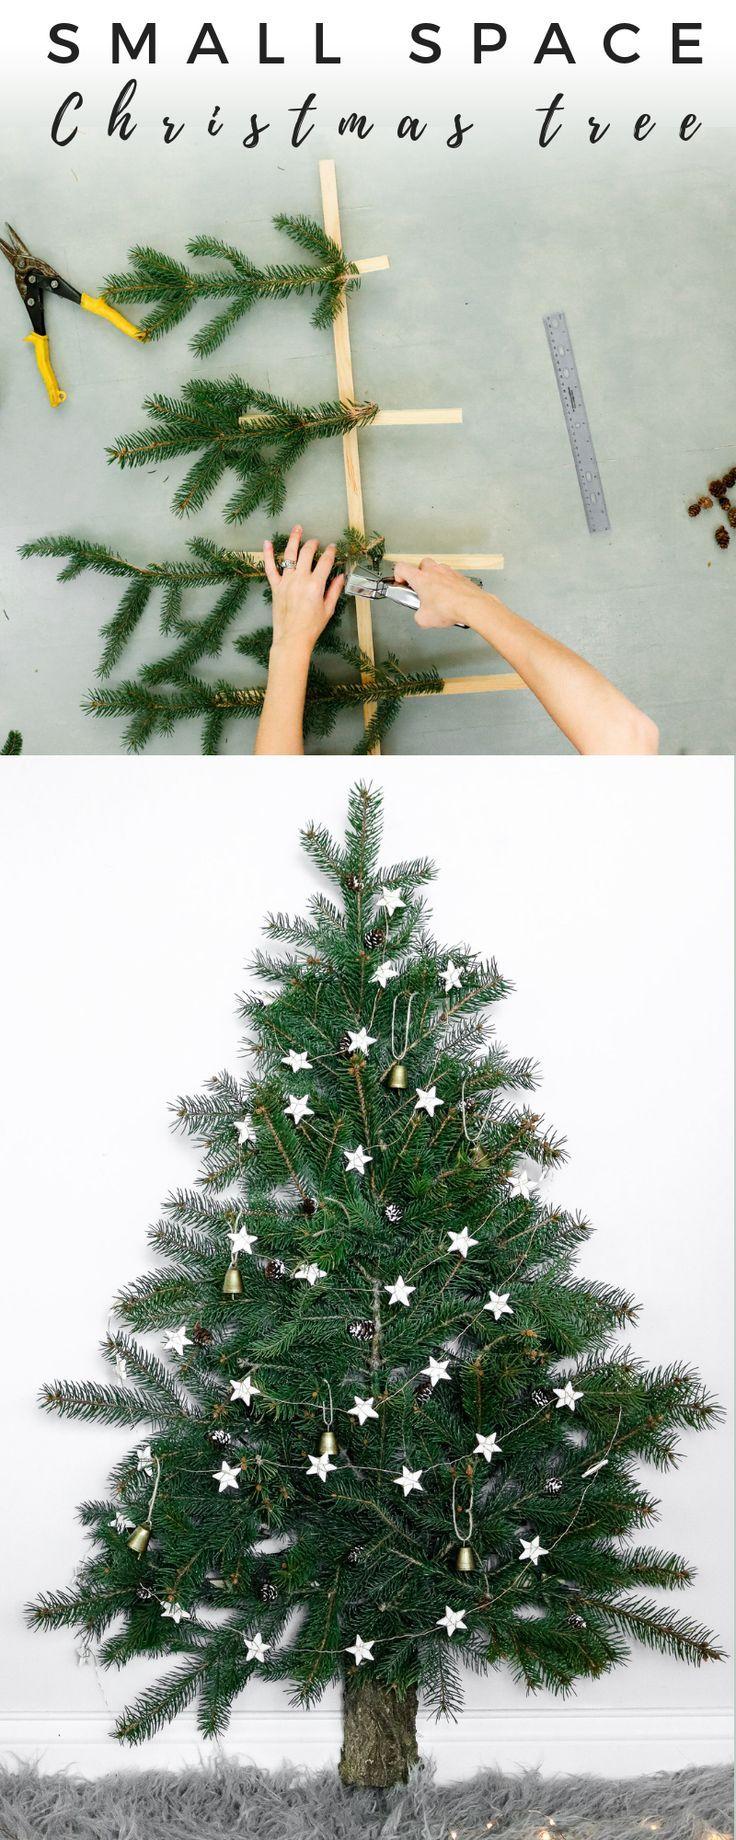 #Small #Space #Weihnachtsbaum Hier ist ein erstaun…